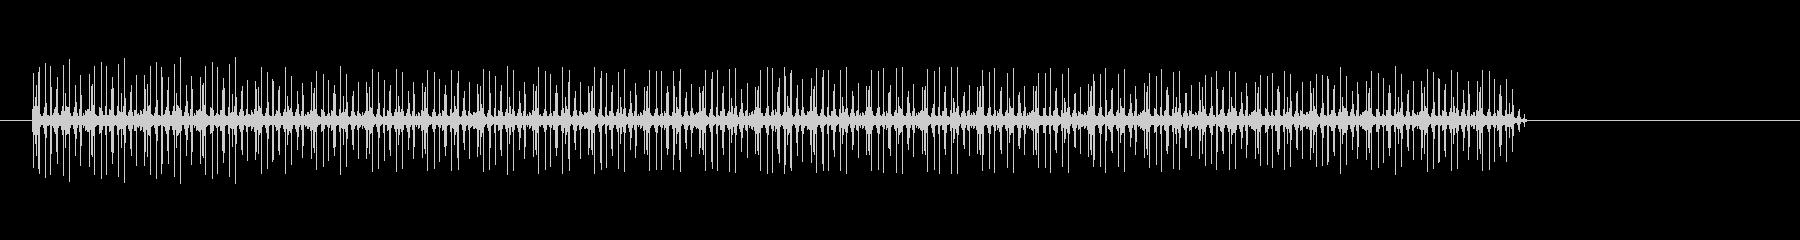 時計店-カチカチ音をたてるの未再生の波形